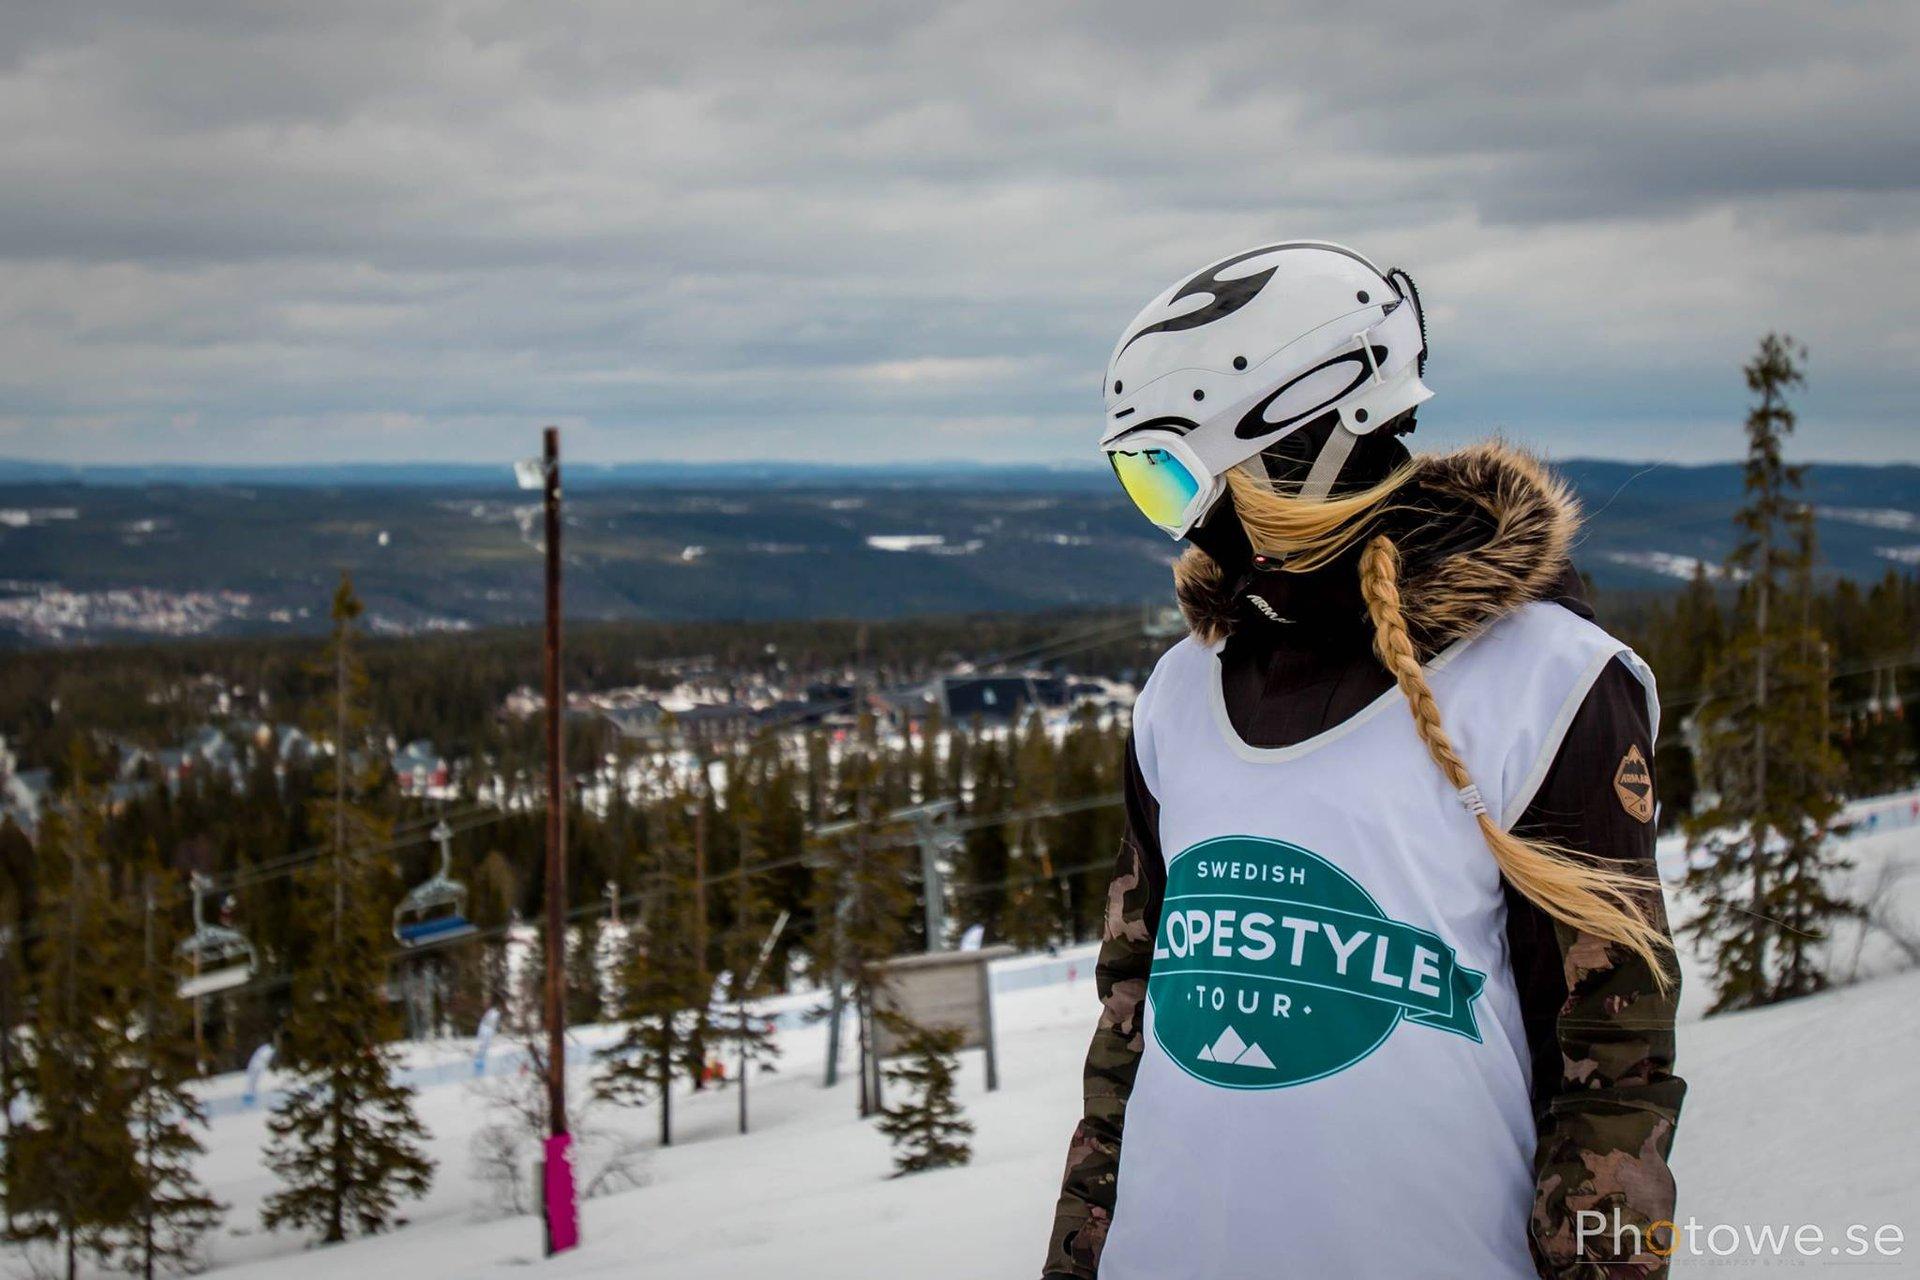 Swedish slopestyle tour